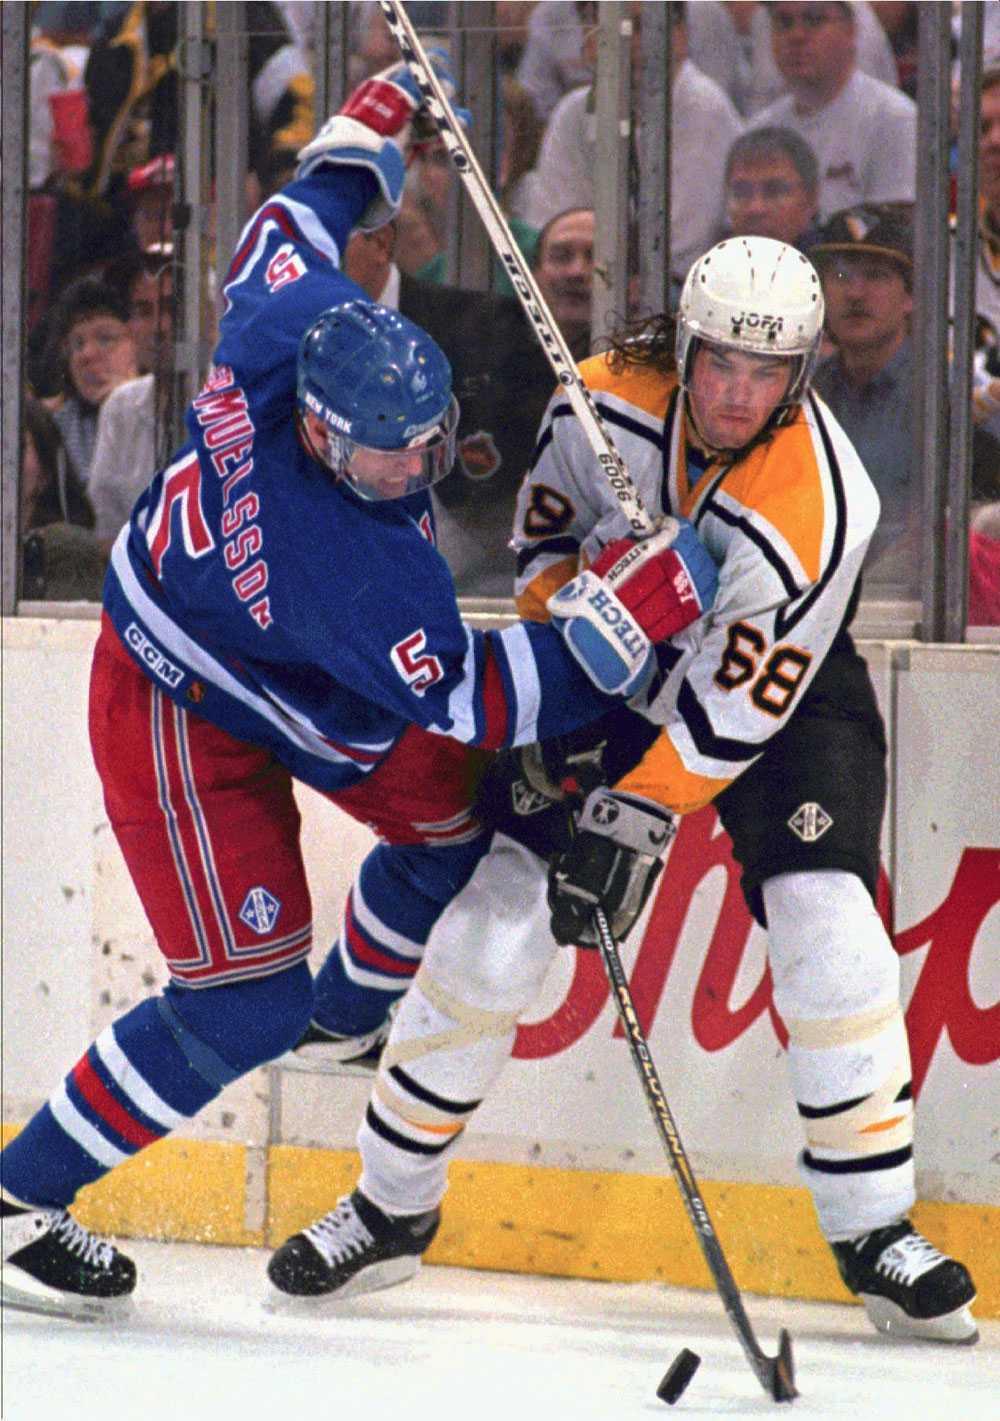 New York Rangers Ulf Samuelsson försöker flytta på Jagr i en slutspelsmatch 1996.